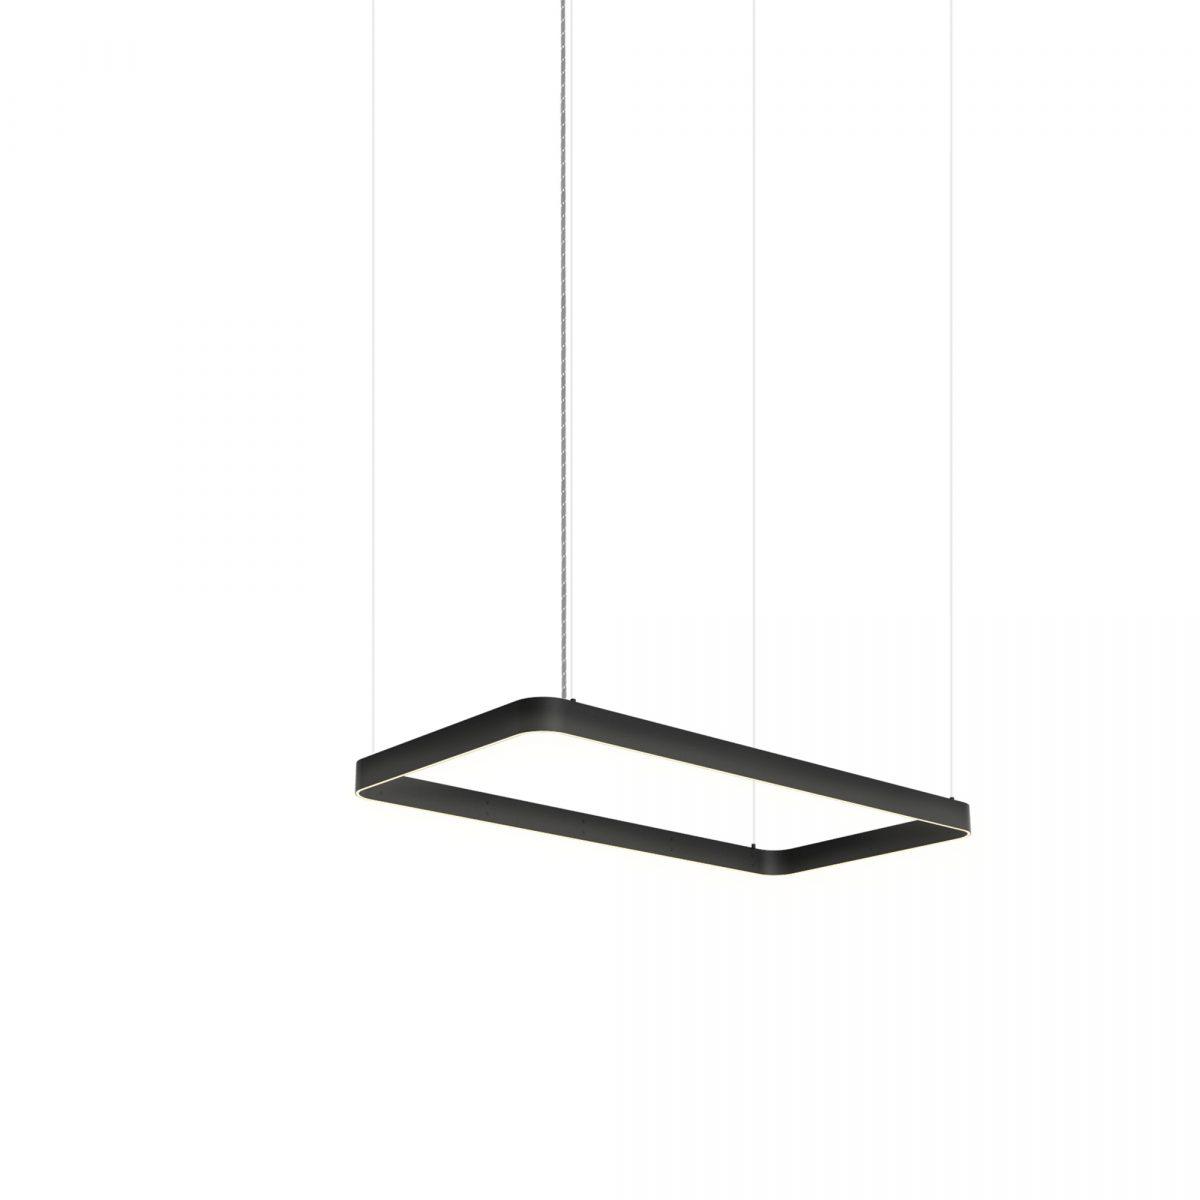 JSPR Eden 50×100 Black Rectangle